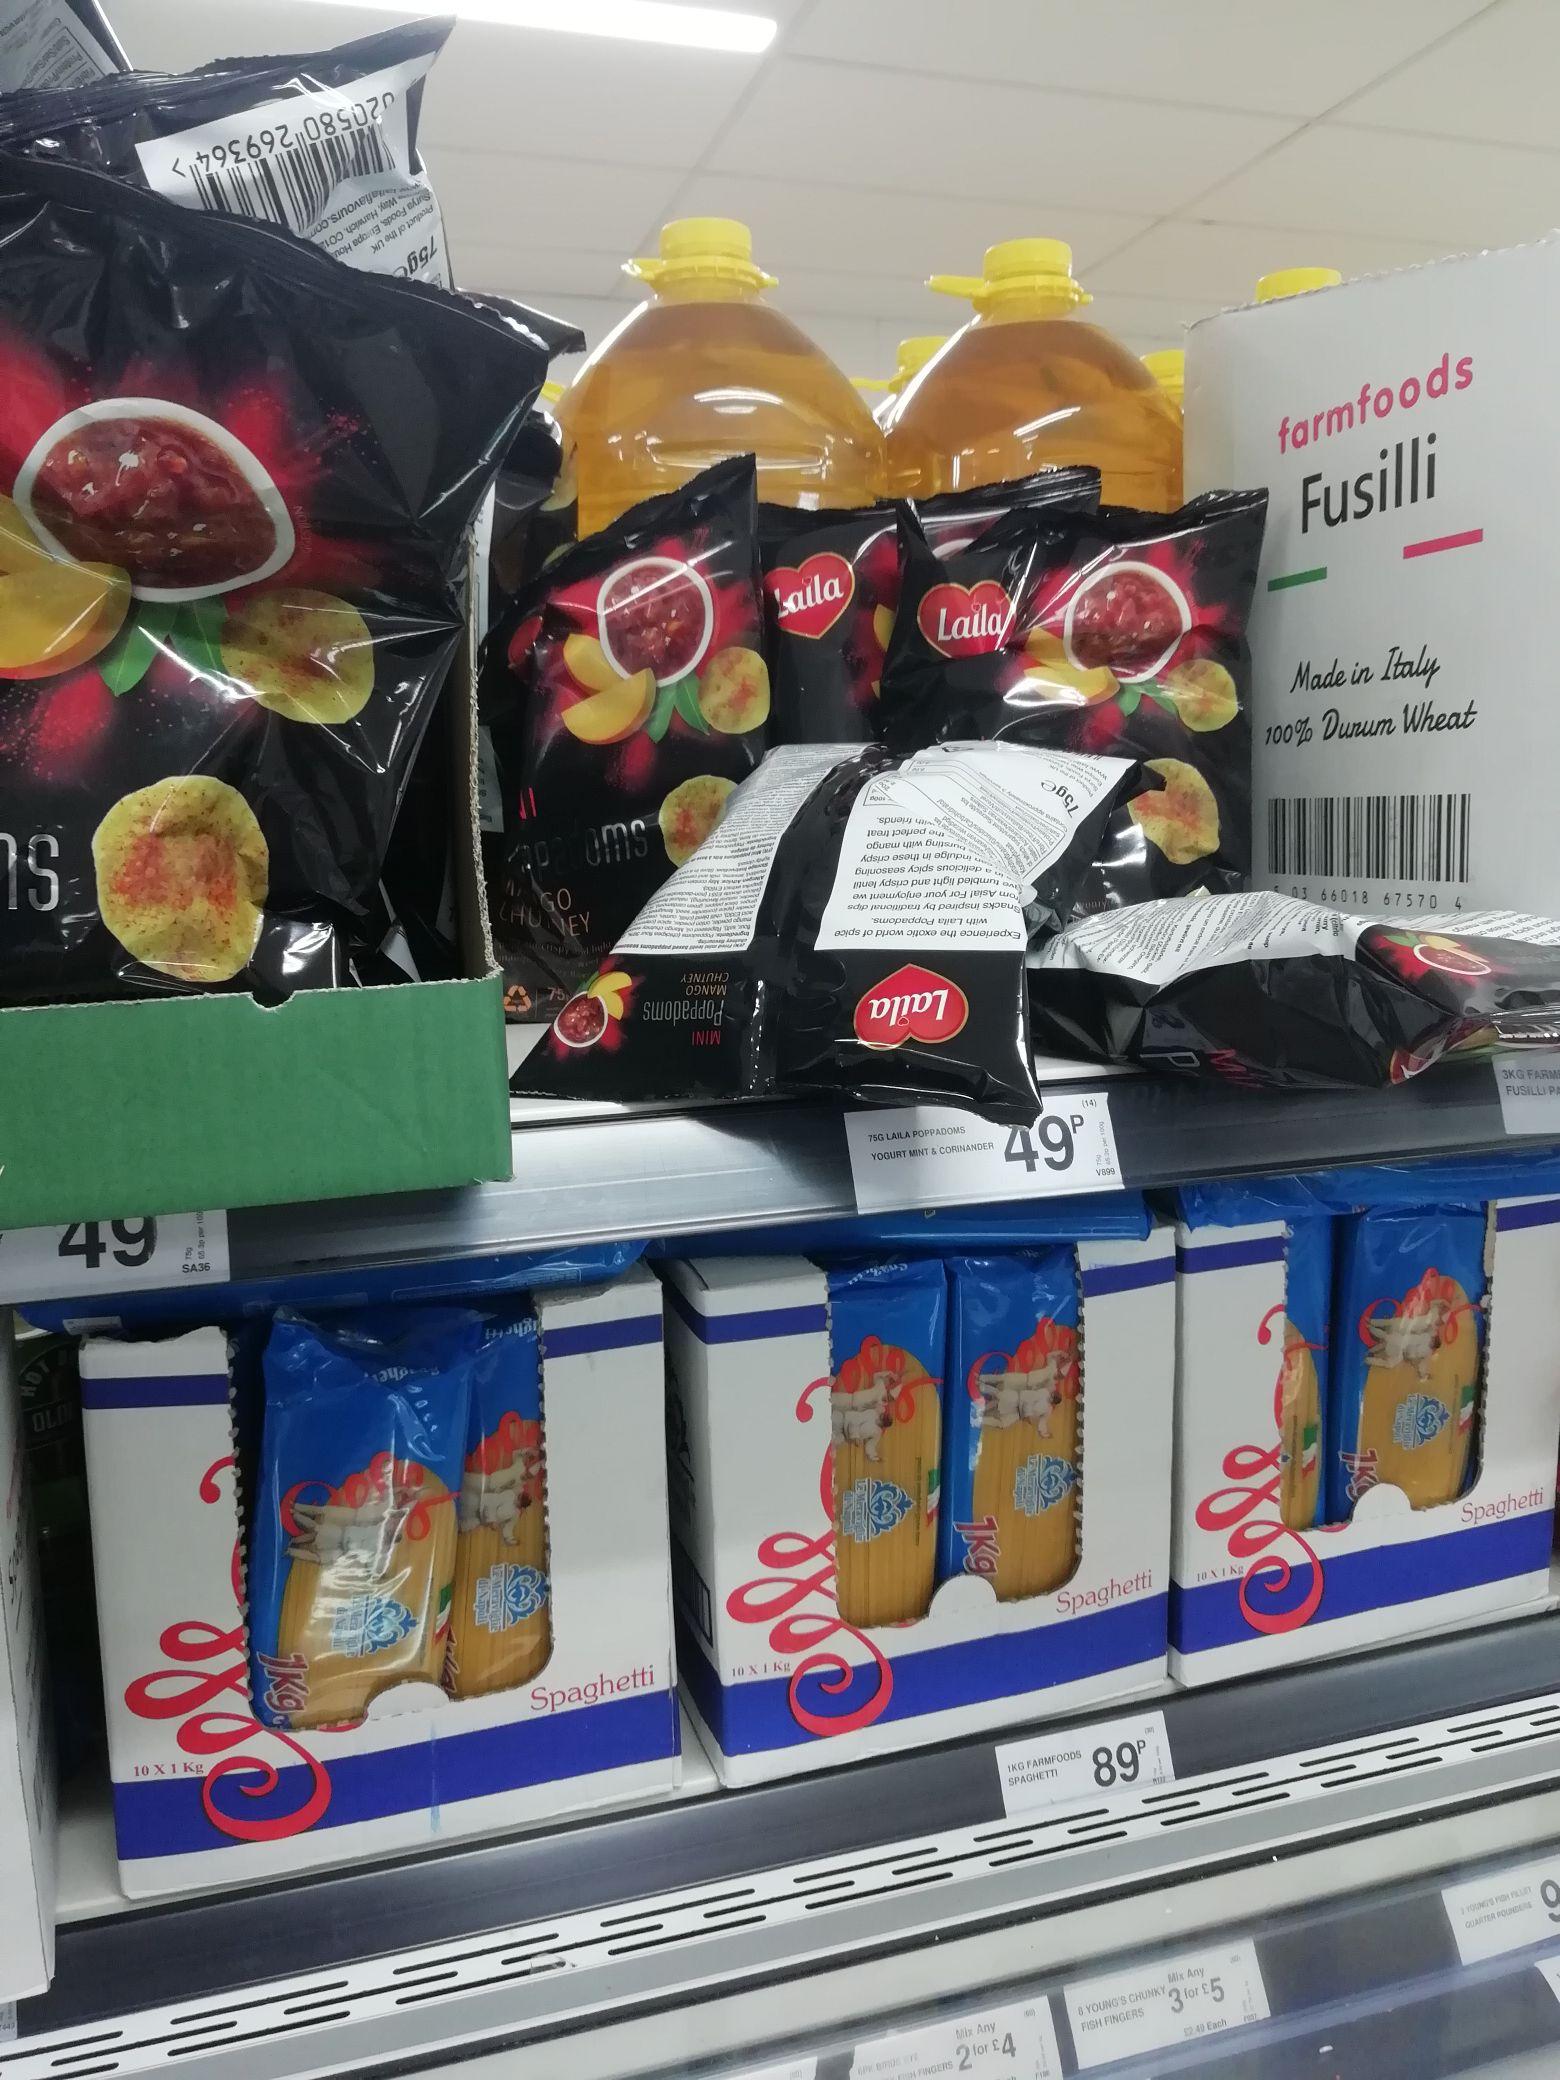 Laila Mango Chutney Poppadoms now 49p @ Farmfoods Staines